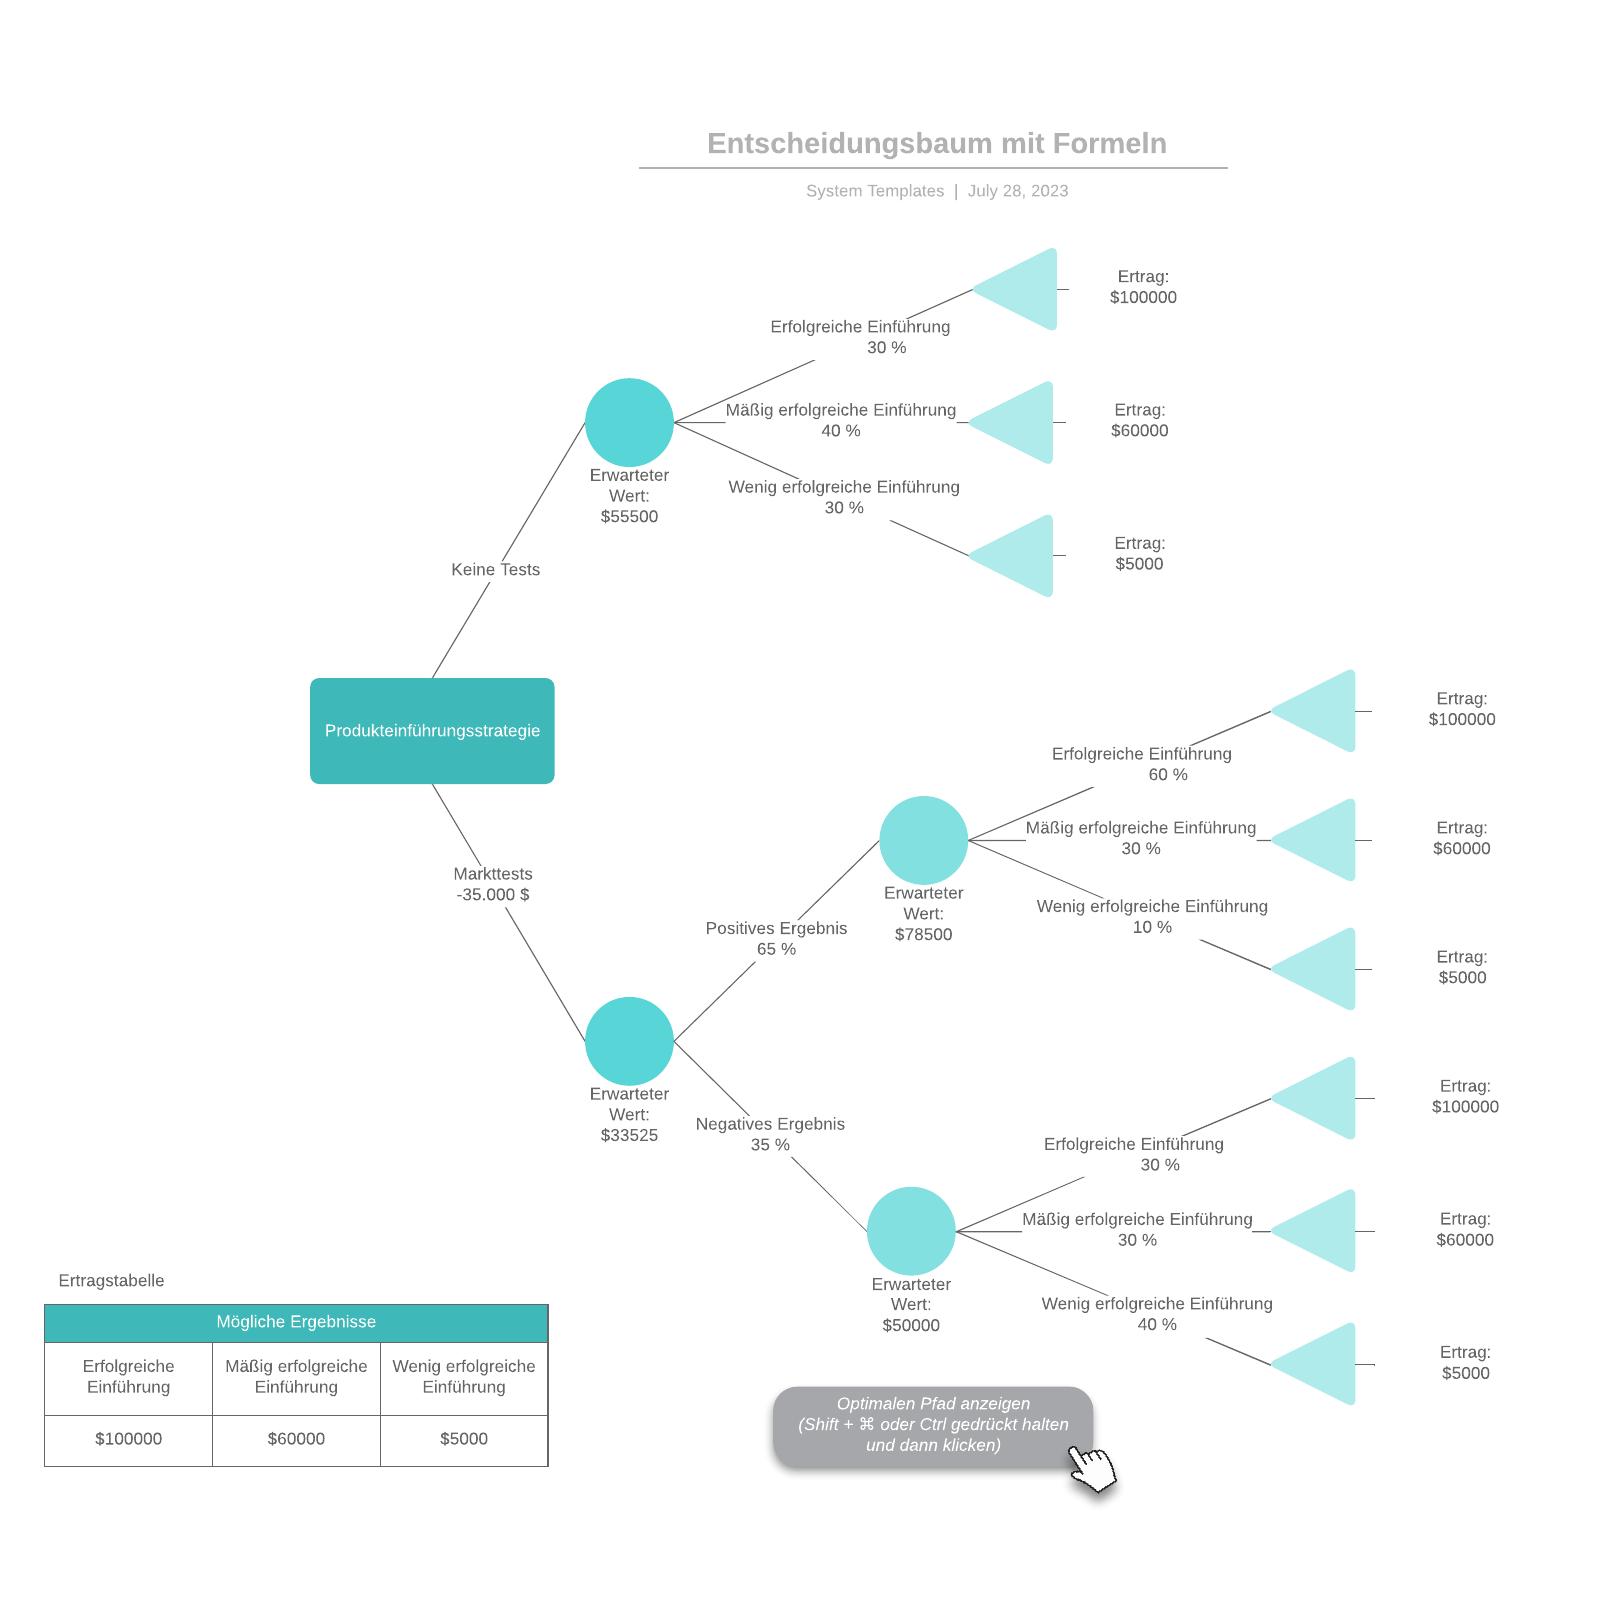 Entscheidungsbaum Vorlage mit Formeln